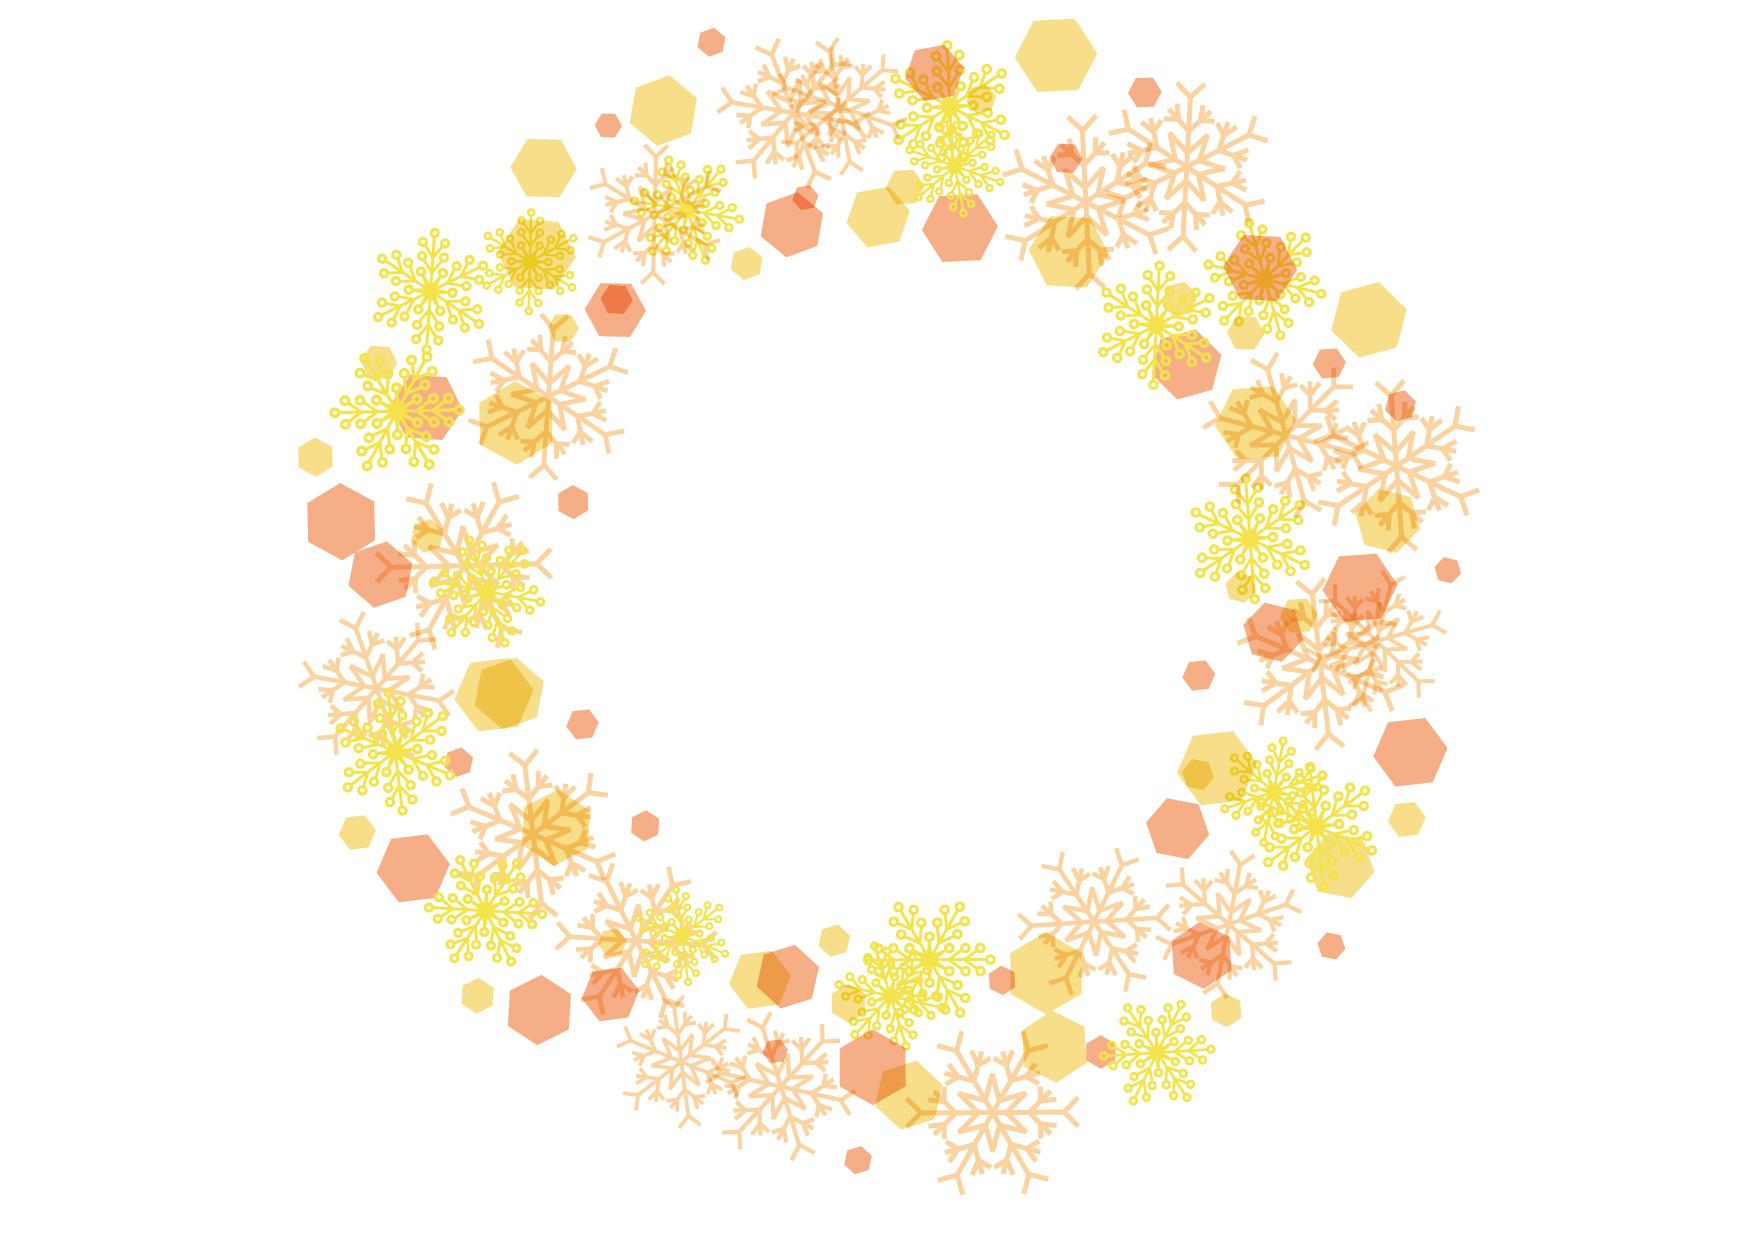 可愛いイラスト|雪の結晶 フレーム 背景 黄色 − free illustration Snowflakes frame background yellow